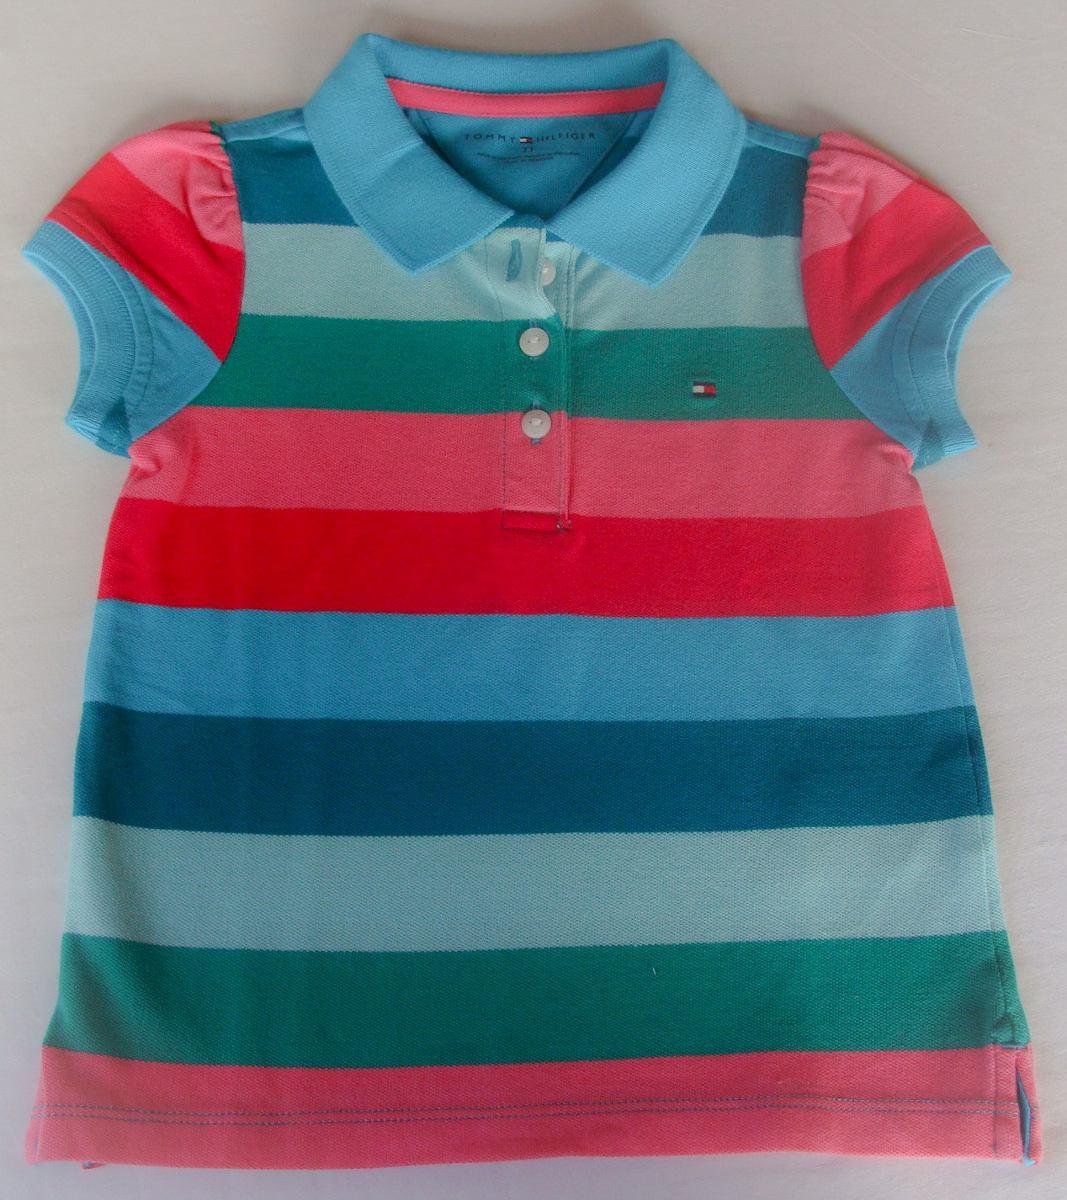 camisa polo tommy hilfiger kids para menina - lançamento! Carregando zoom. d531fffcf9c